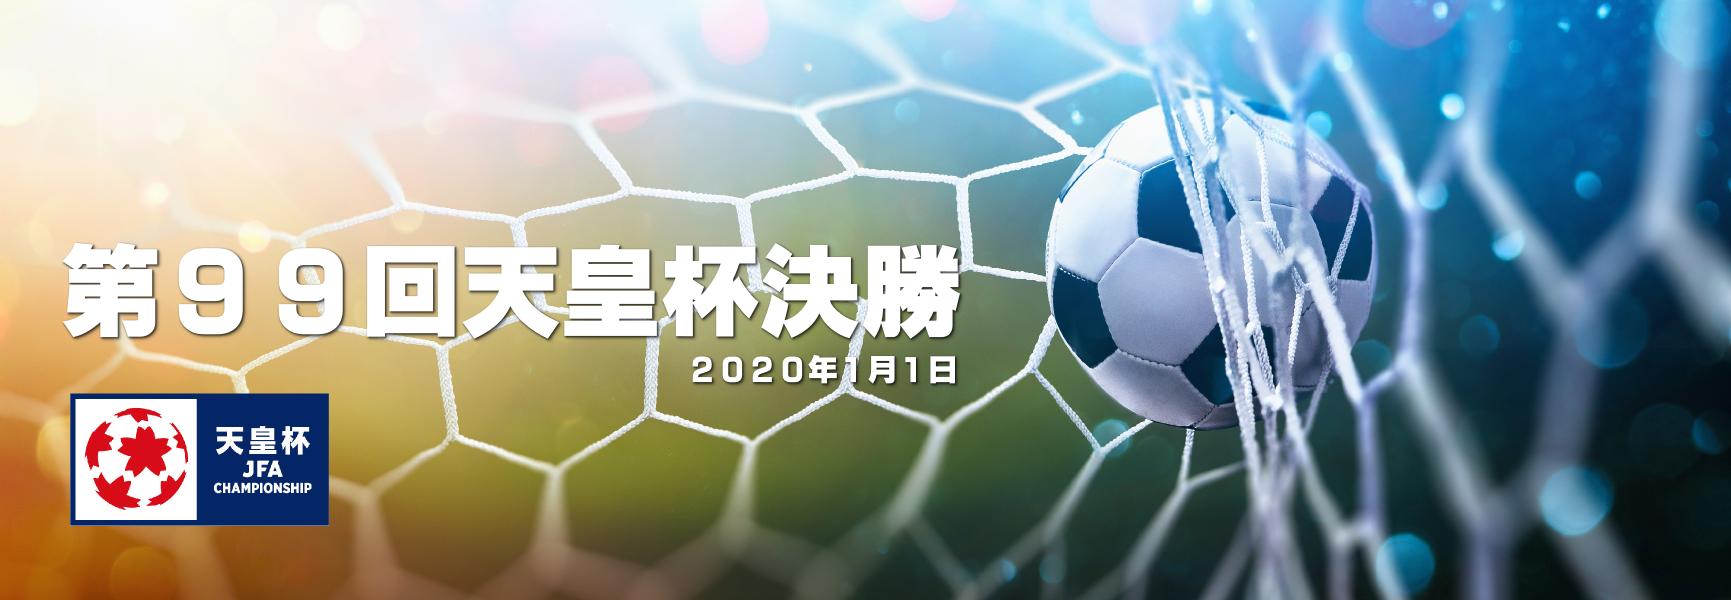 第99回天皇杯(2019)決勝のオッズとデータ